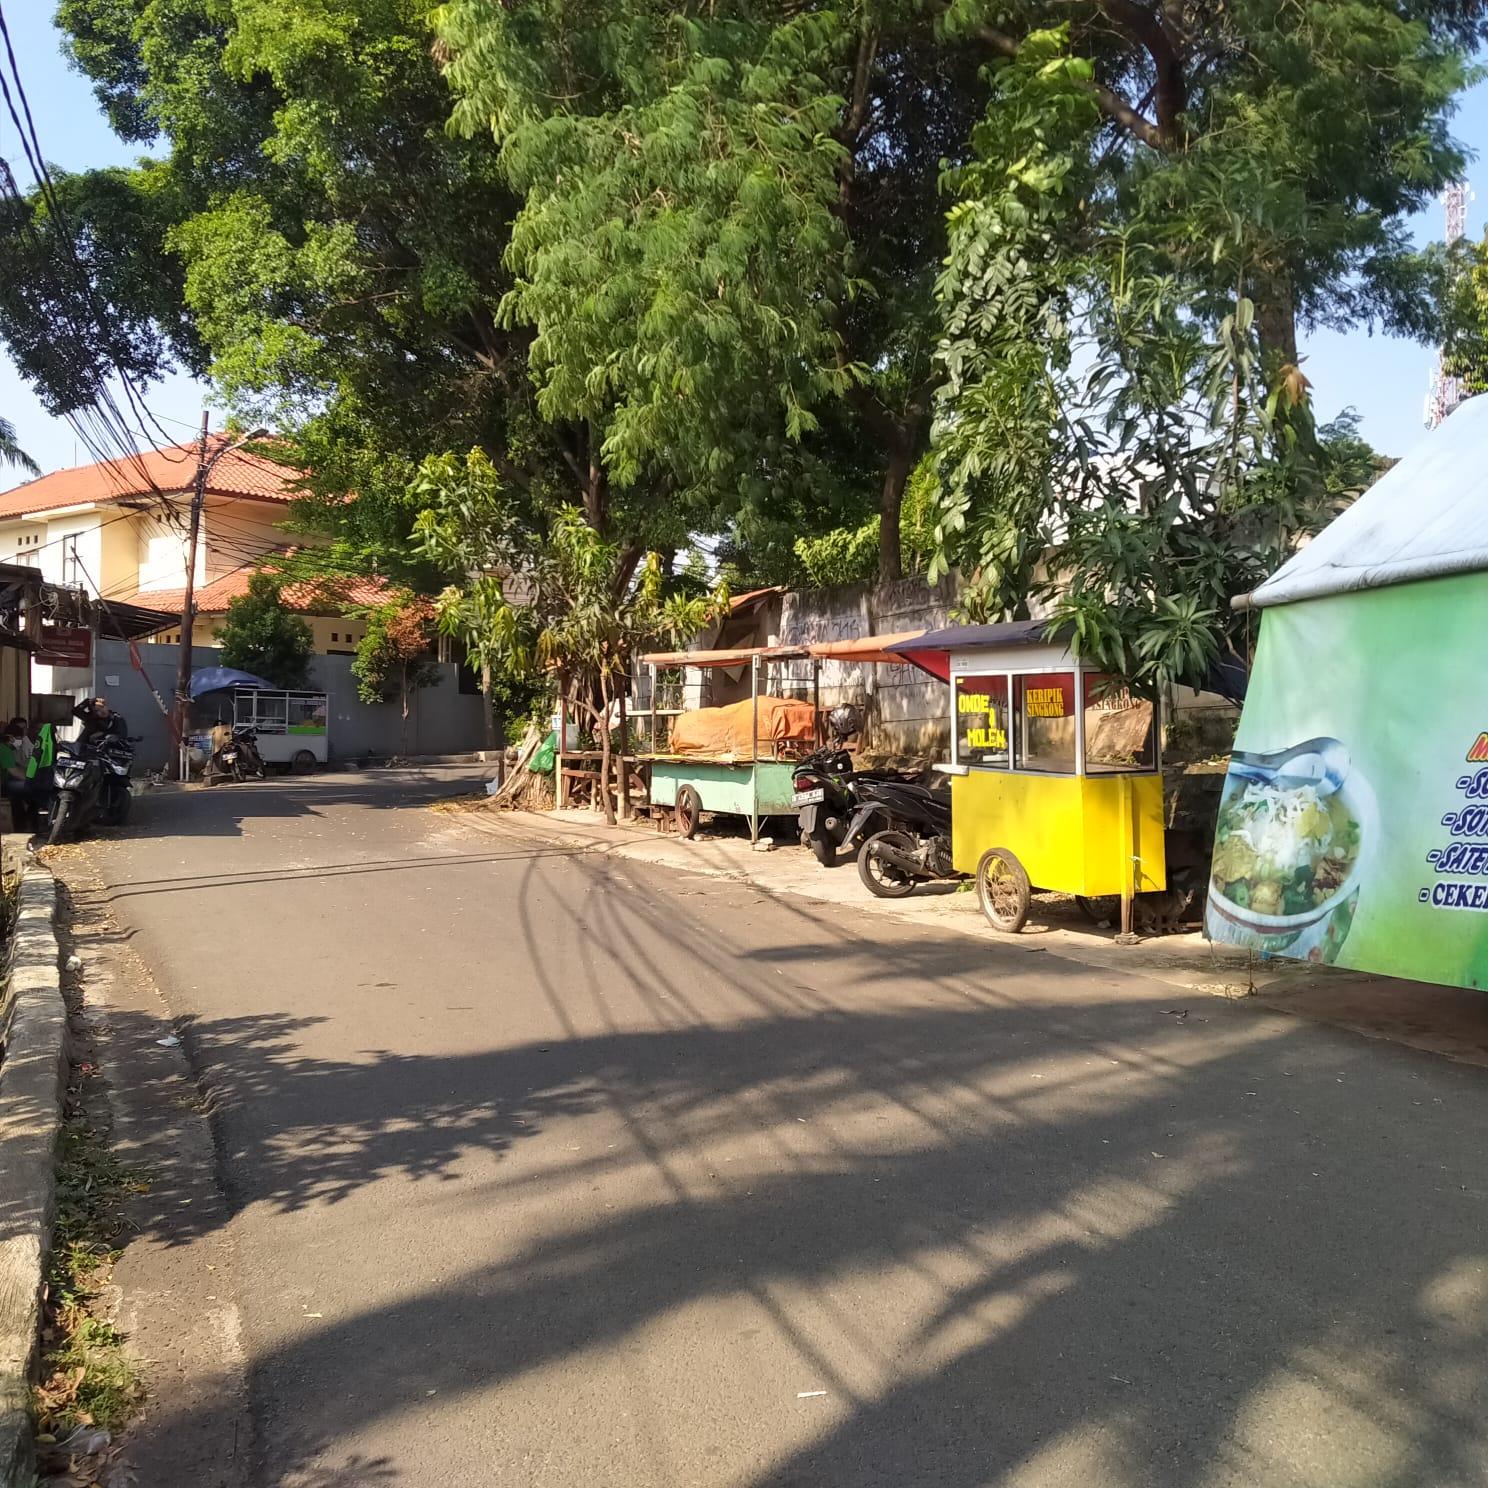 Banyak warga menolak perpanjangan PPKM karena sulit mencari nafkah. Salah satu lapak yang terdampak PPKM Darurat, Pasar Minggu, Jakarta Selatan. FOTO: Al-Afgani Hidayat/Lingkar.co